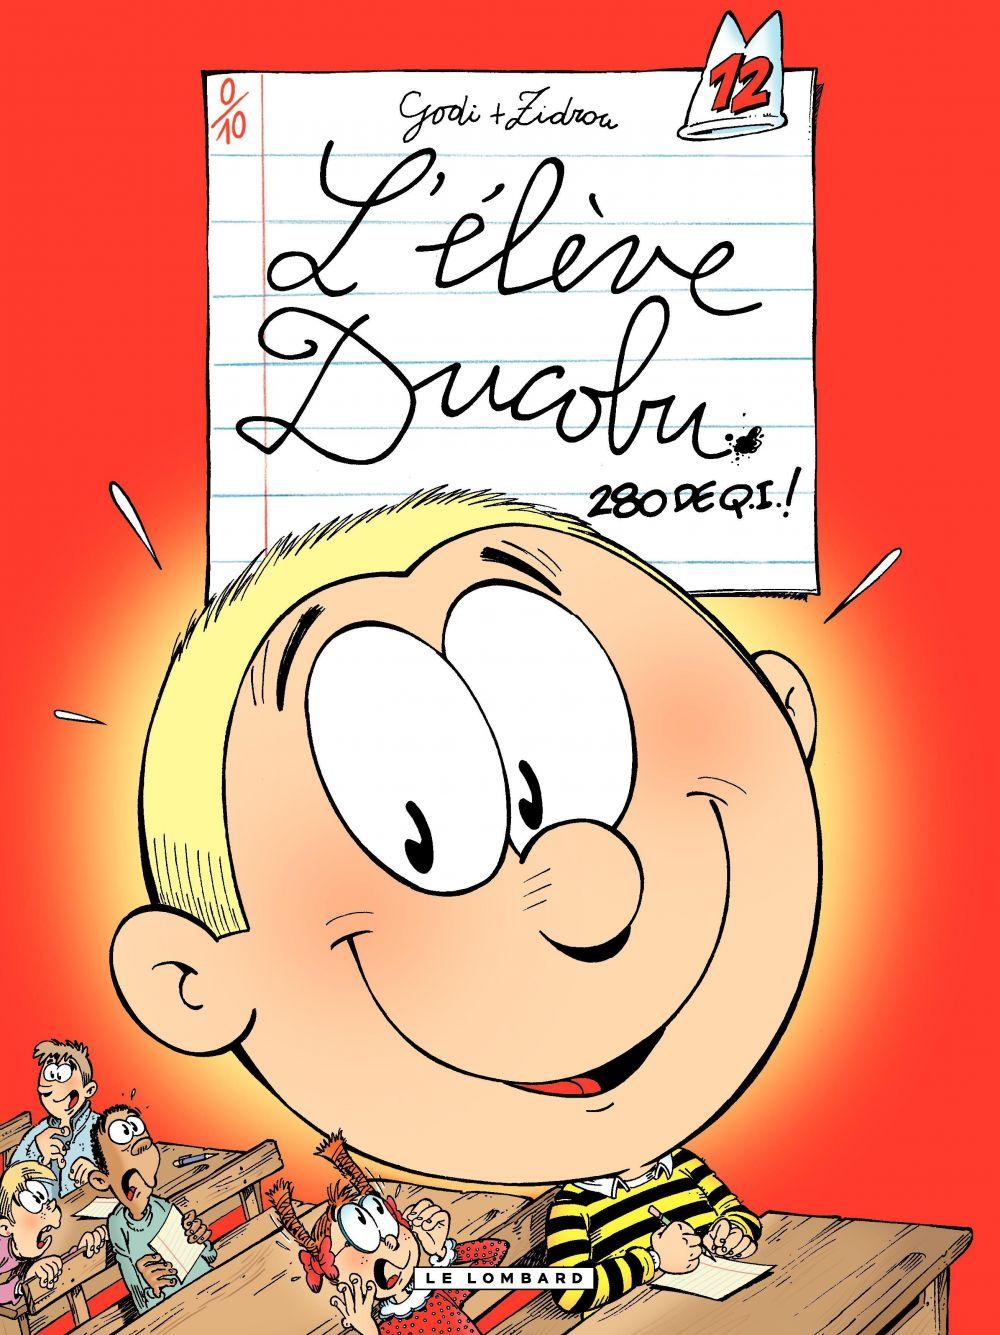 L'Elève Ducobu - tome 12 - 280 de QI | Zidrou, . Auteur